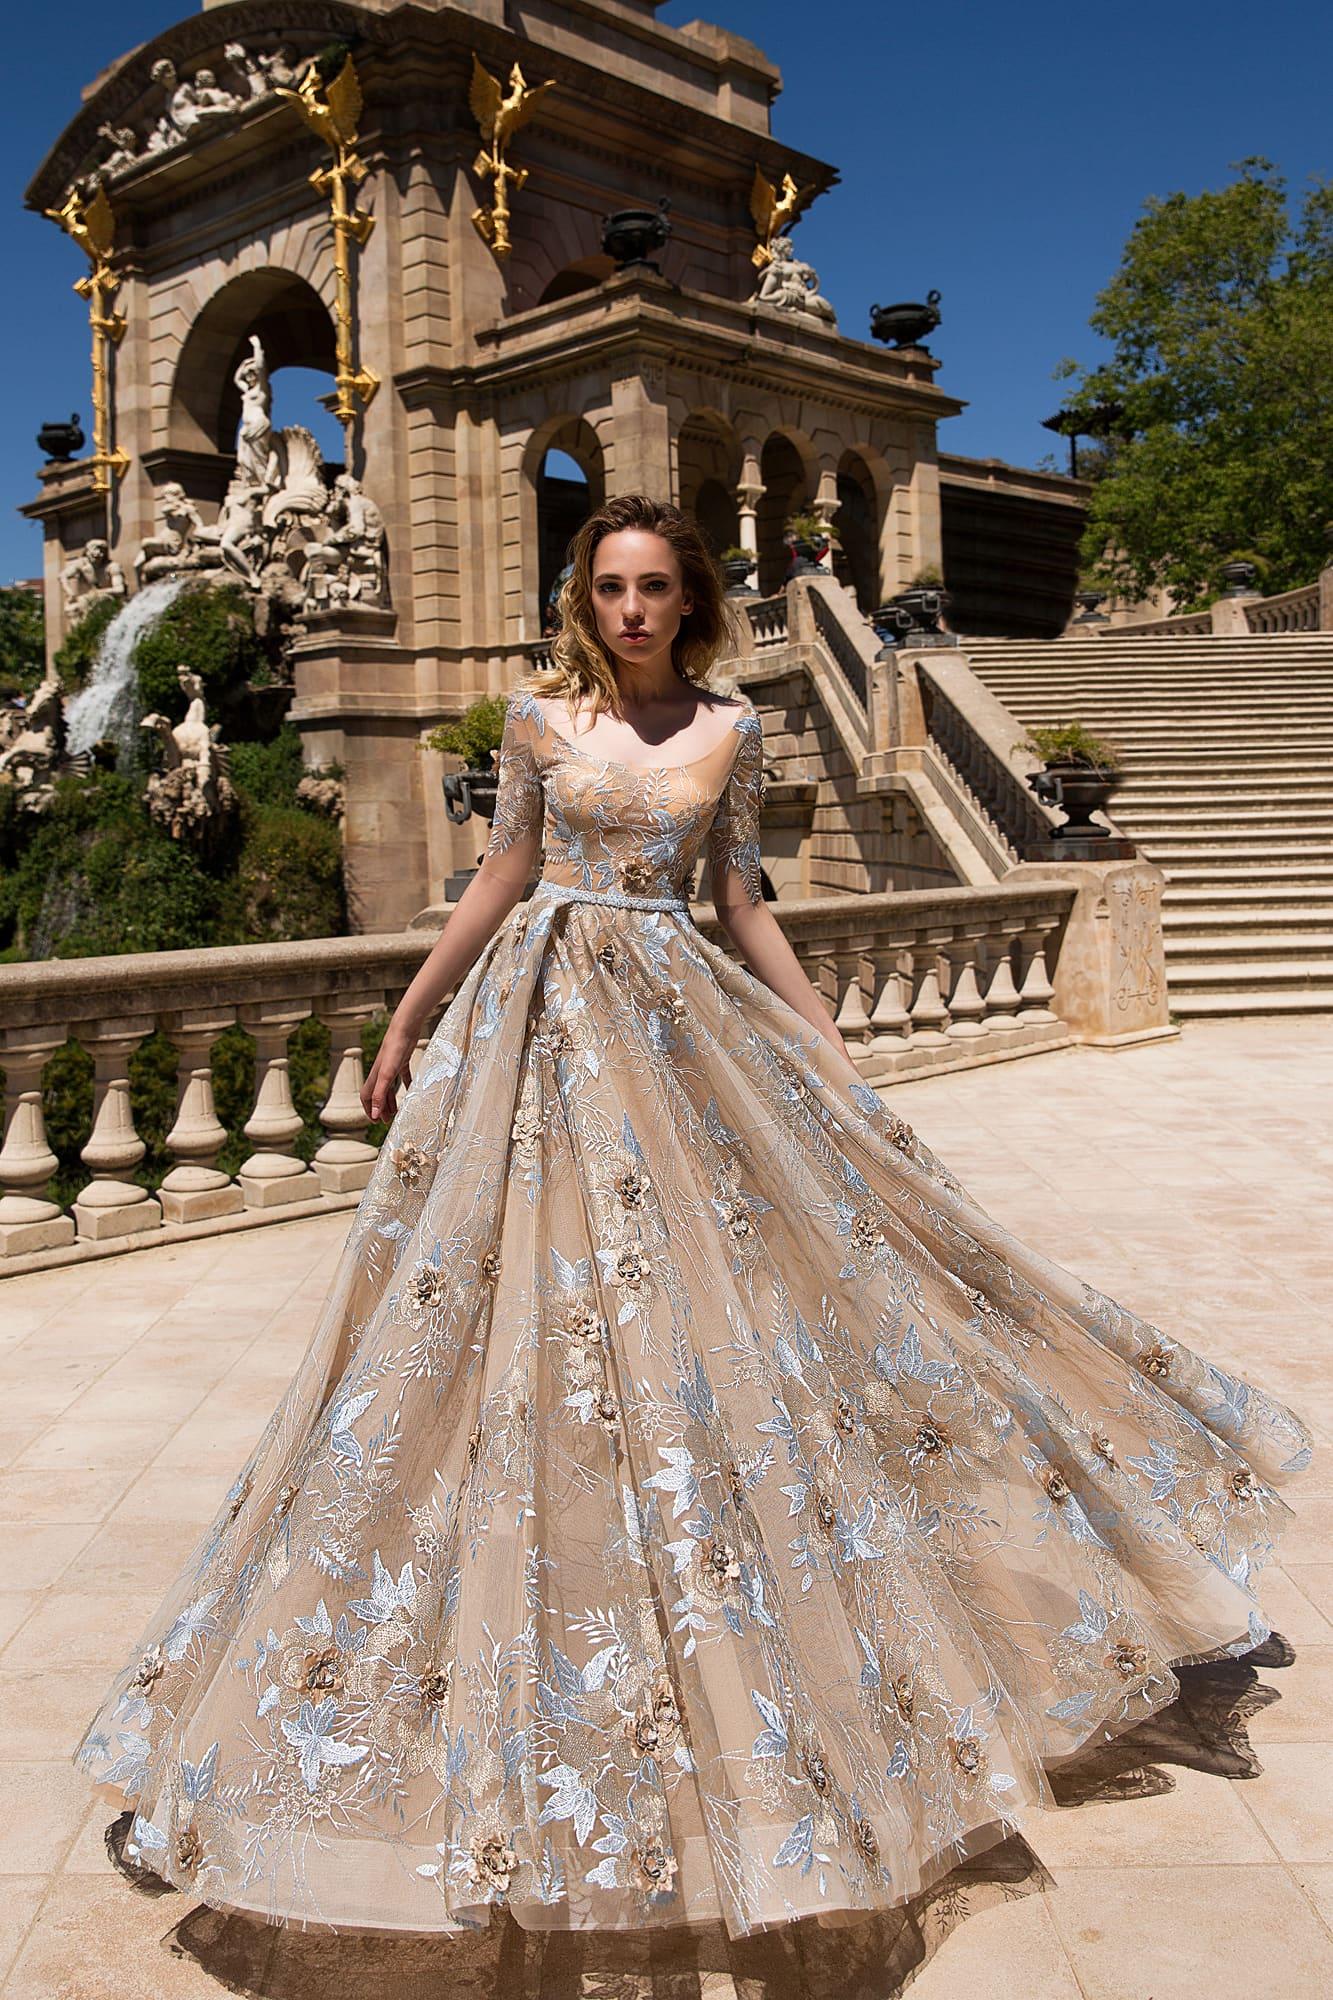 b6da4ac43d6 Вечернее платье Pollardi Lader ▷ Свадебный Торговый Центр Вега в Москве